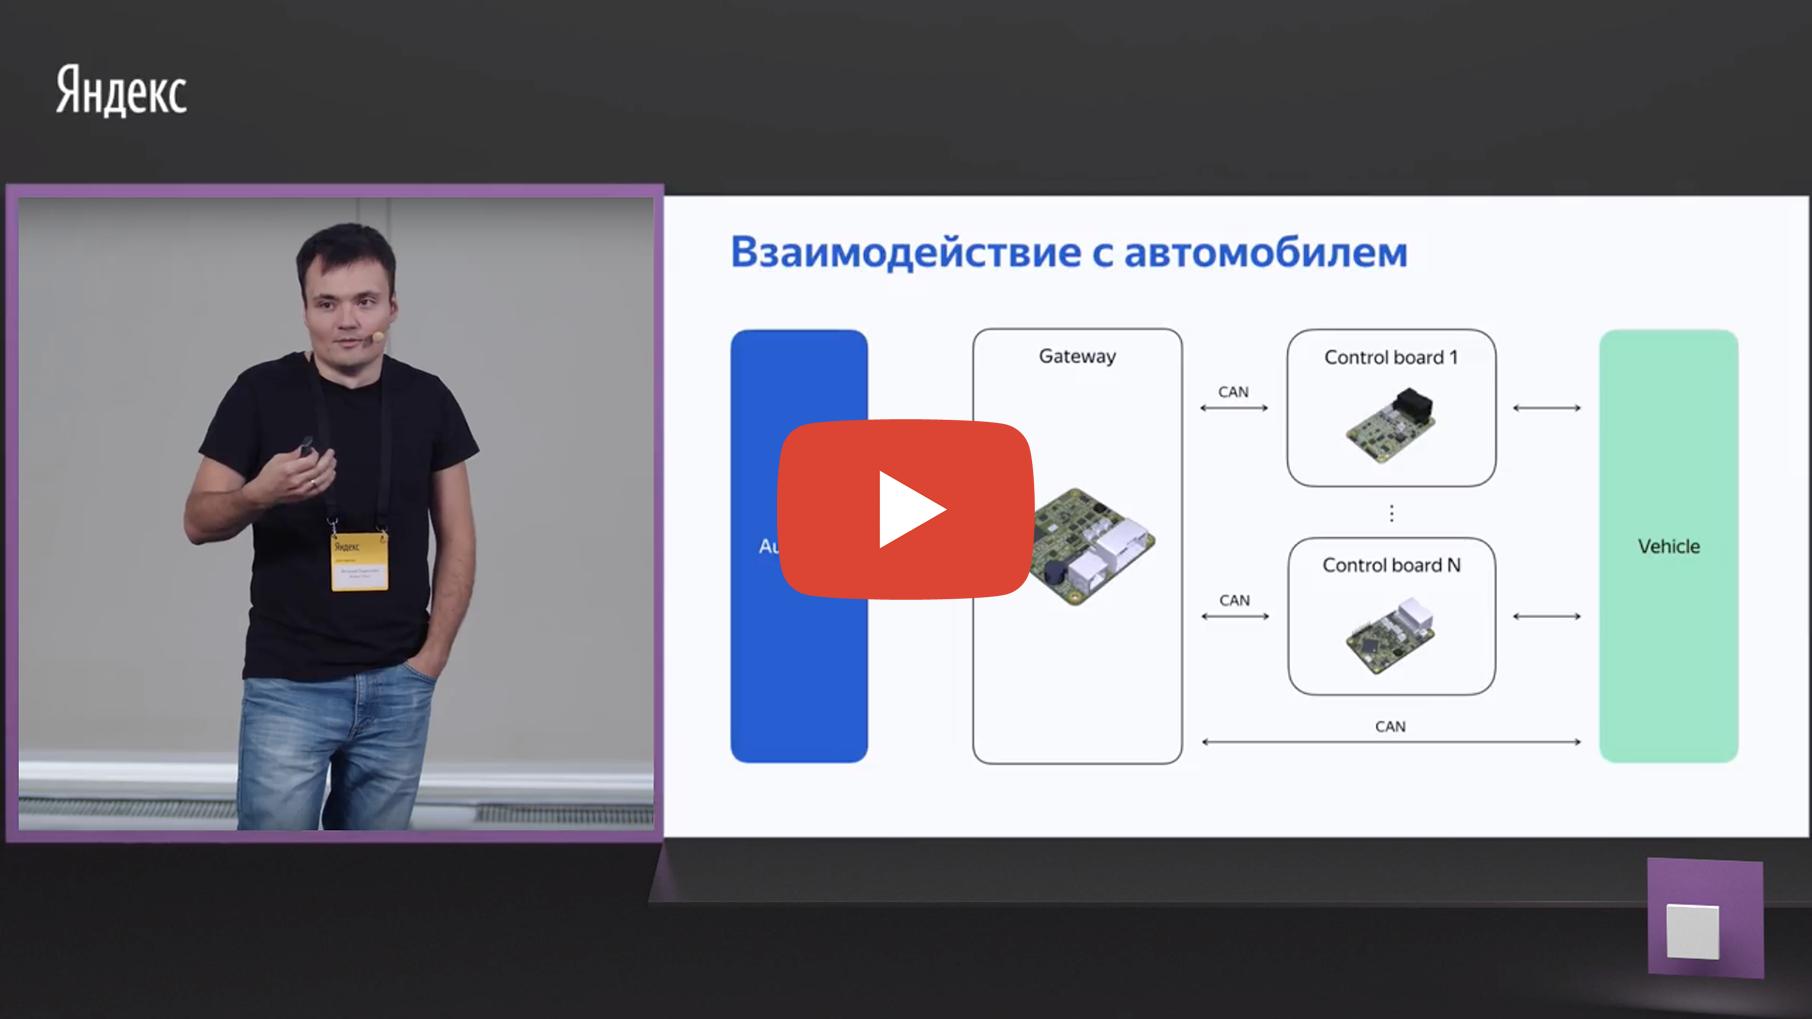 Беспилотный автомобиль: оживляем алгоритмы. Доклад Яндекса - 1